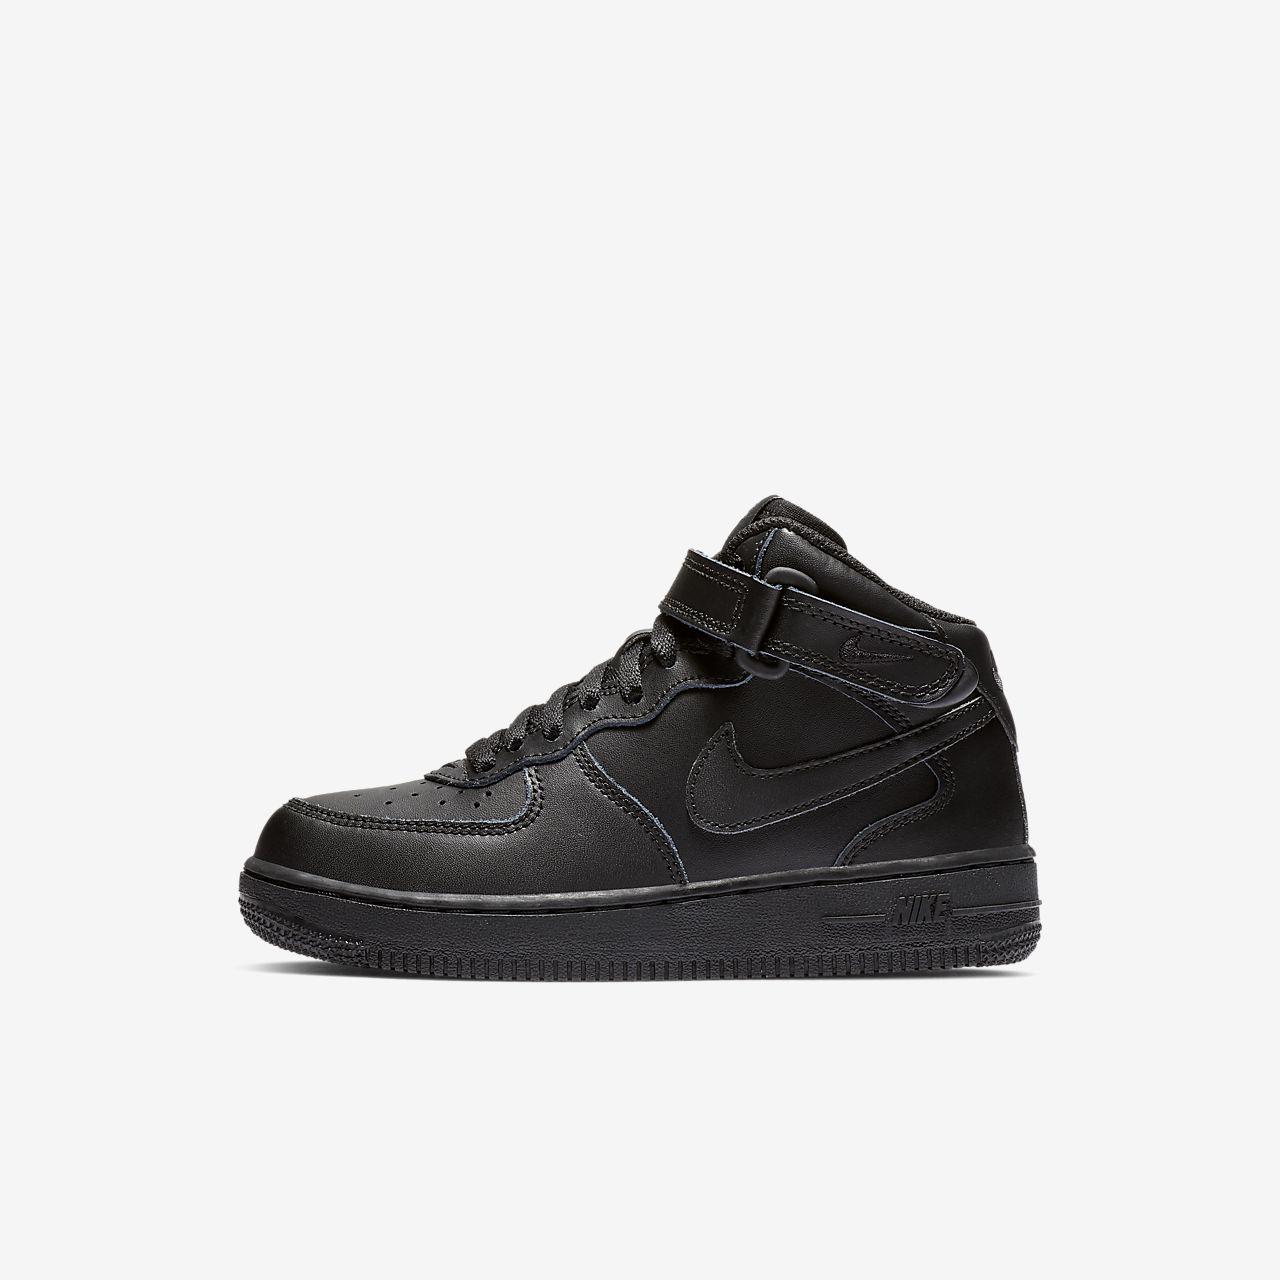 cheap for discount b0576 f2727 ... where can i buy calzado para niños talla pequeña nike air force 1 mid  75ff0 12890